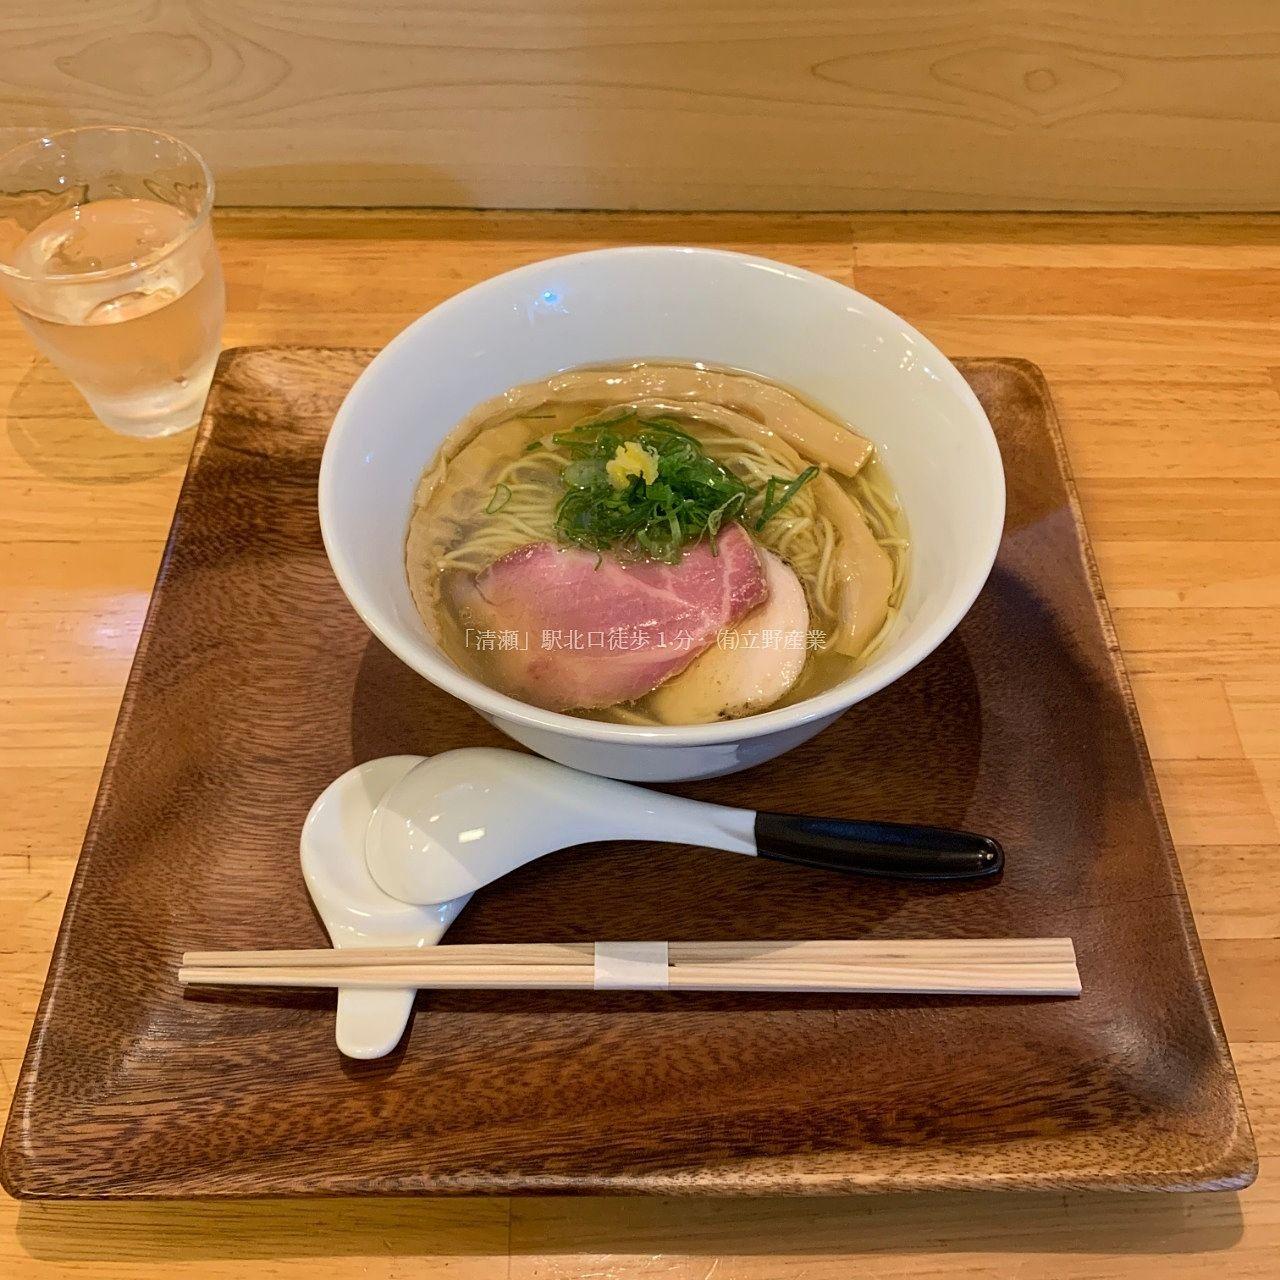 入鹿東京 IRUCA-Tokyo- 柚子塩らぁ麺